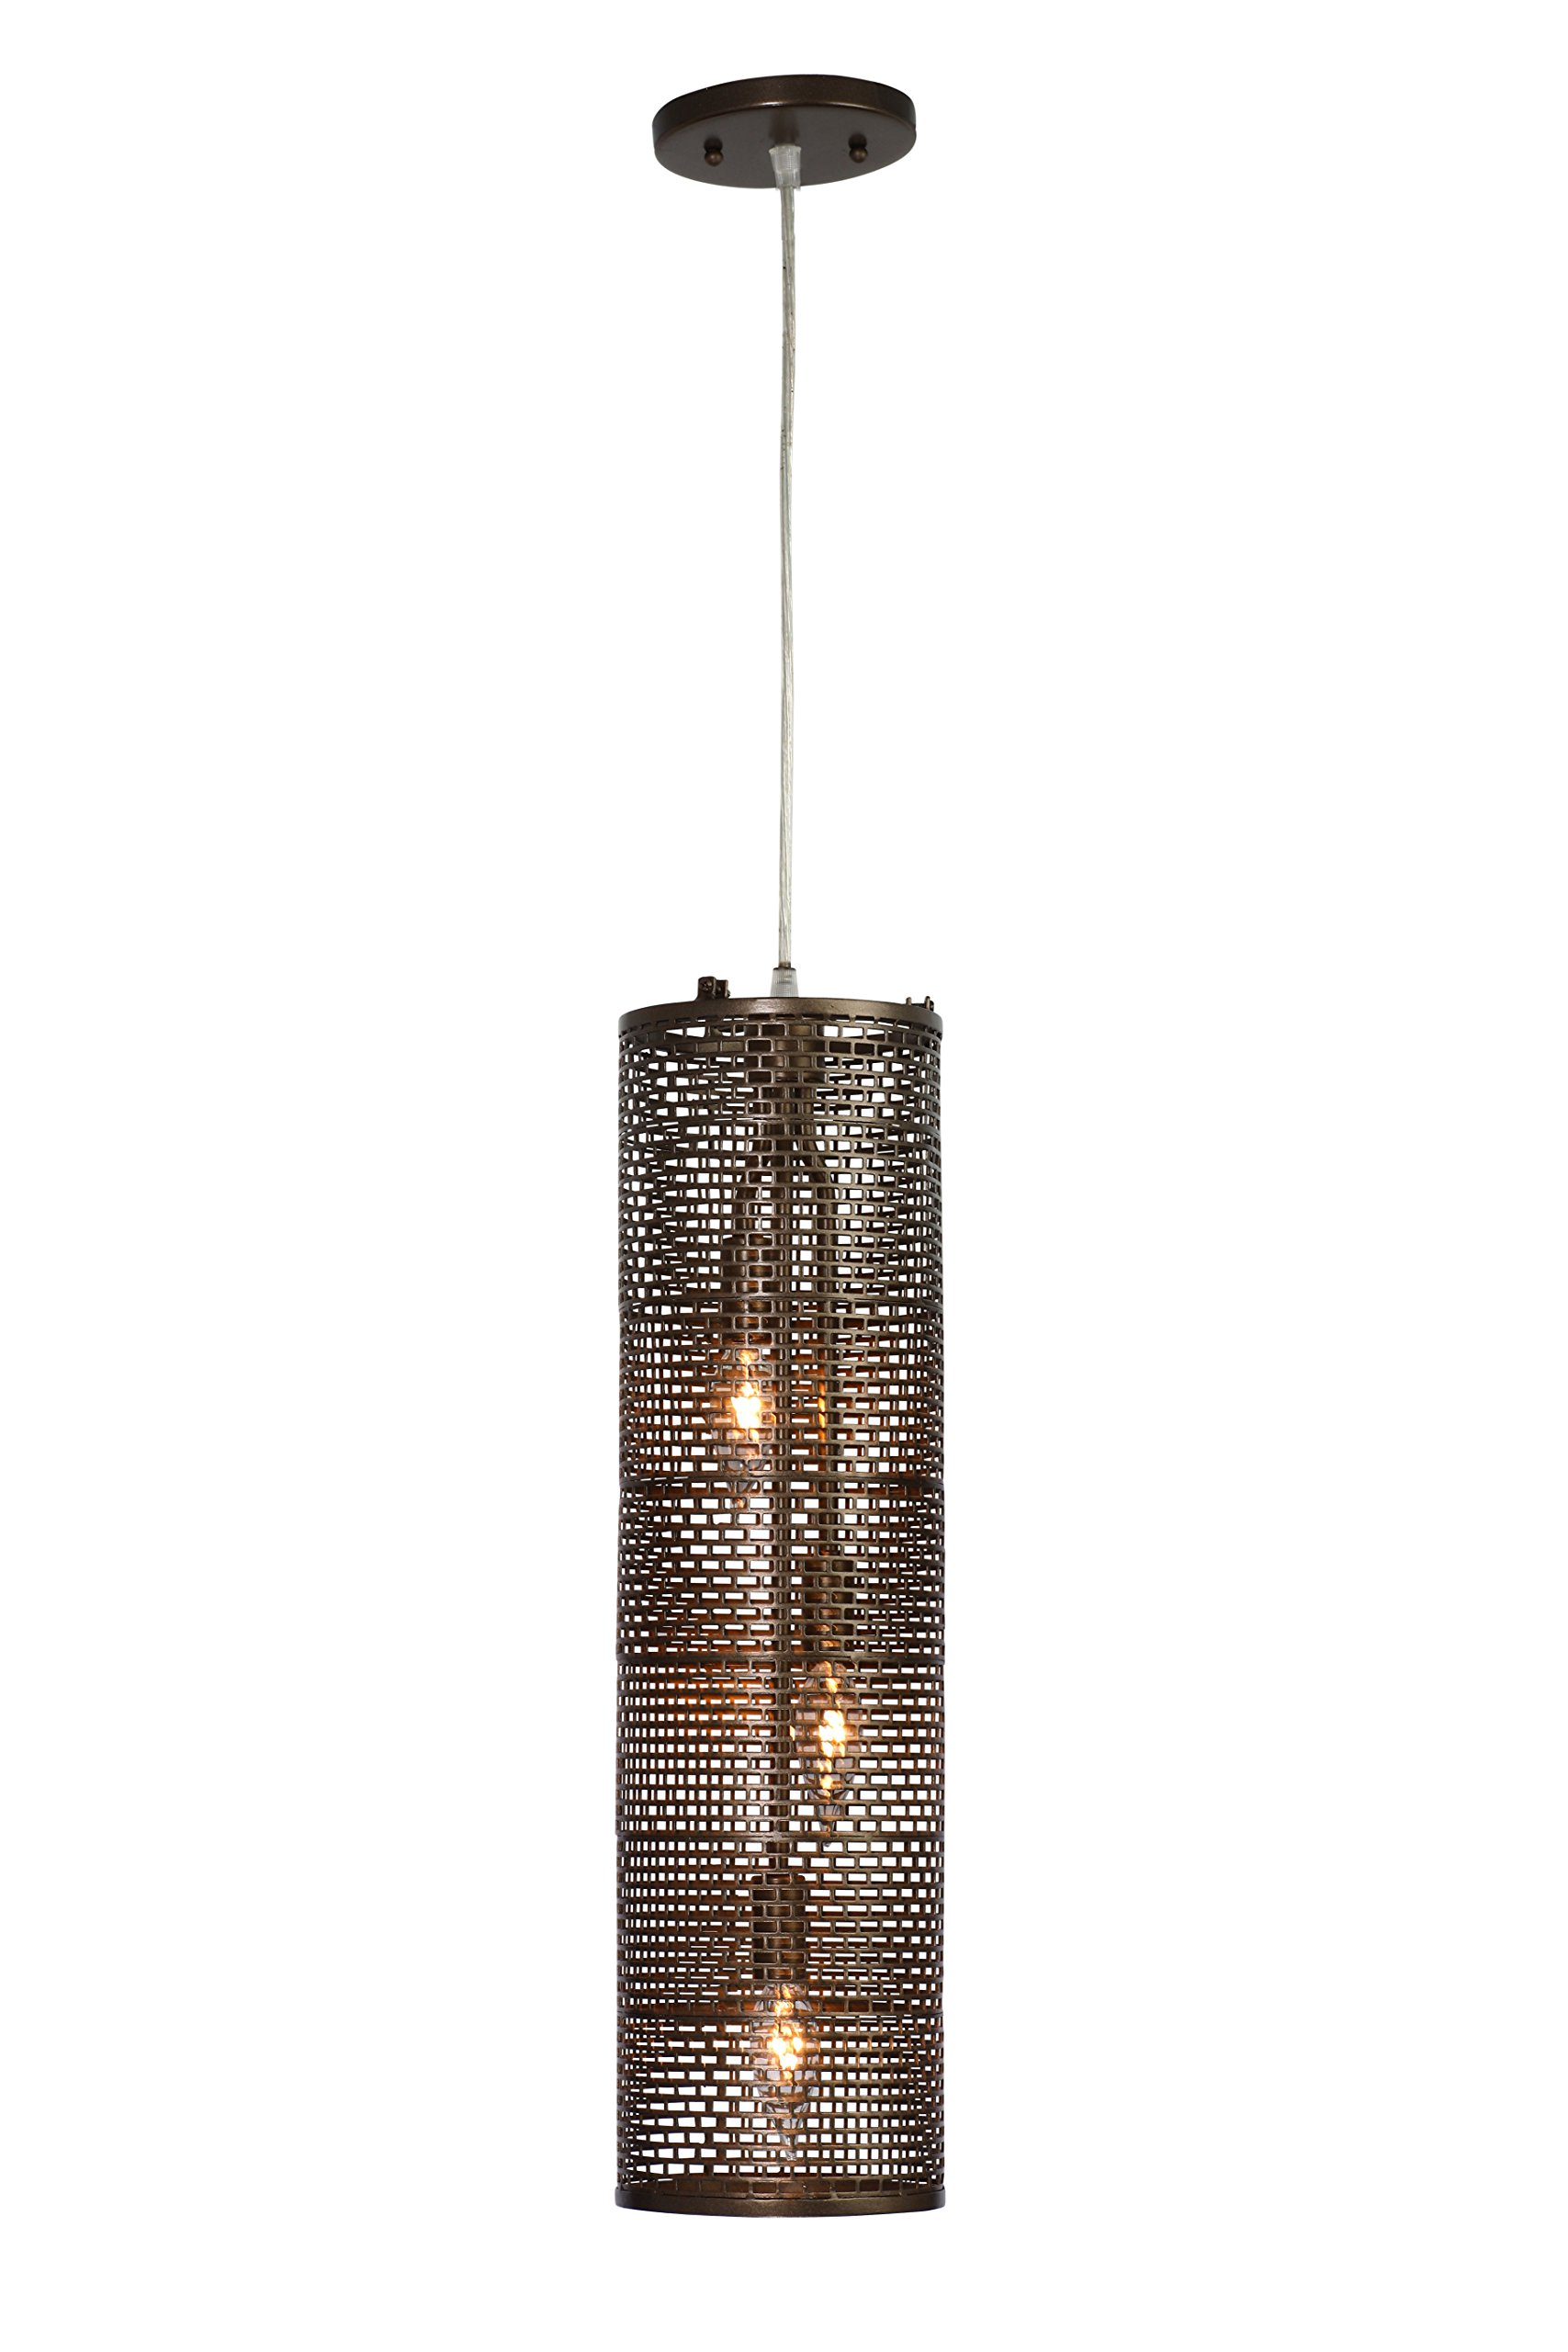 Lit-Mesh Test 3-Light Foyer Pendant - New Bronze Finish by Varaluz